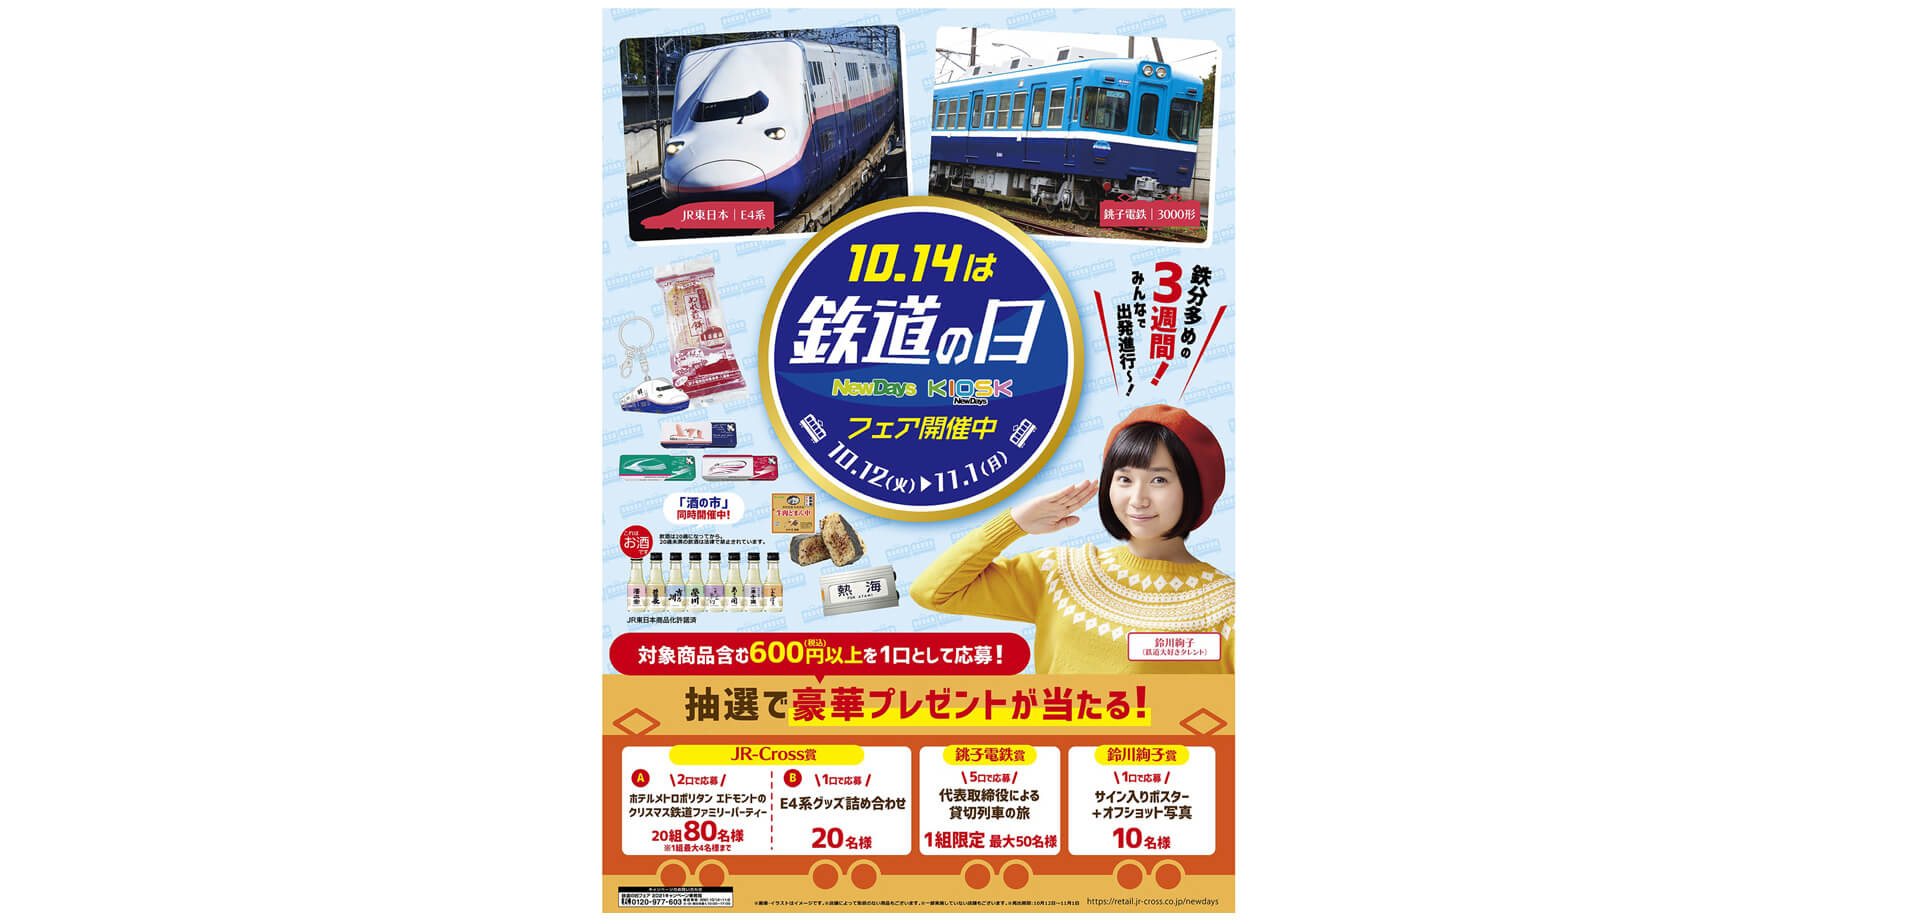 NewDays・NewDays KIOSK「鉄道の日フェア2021」